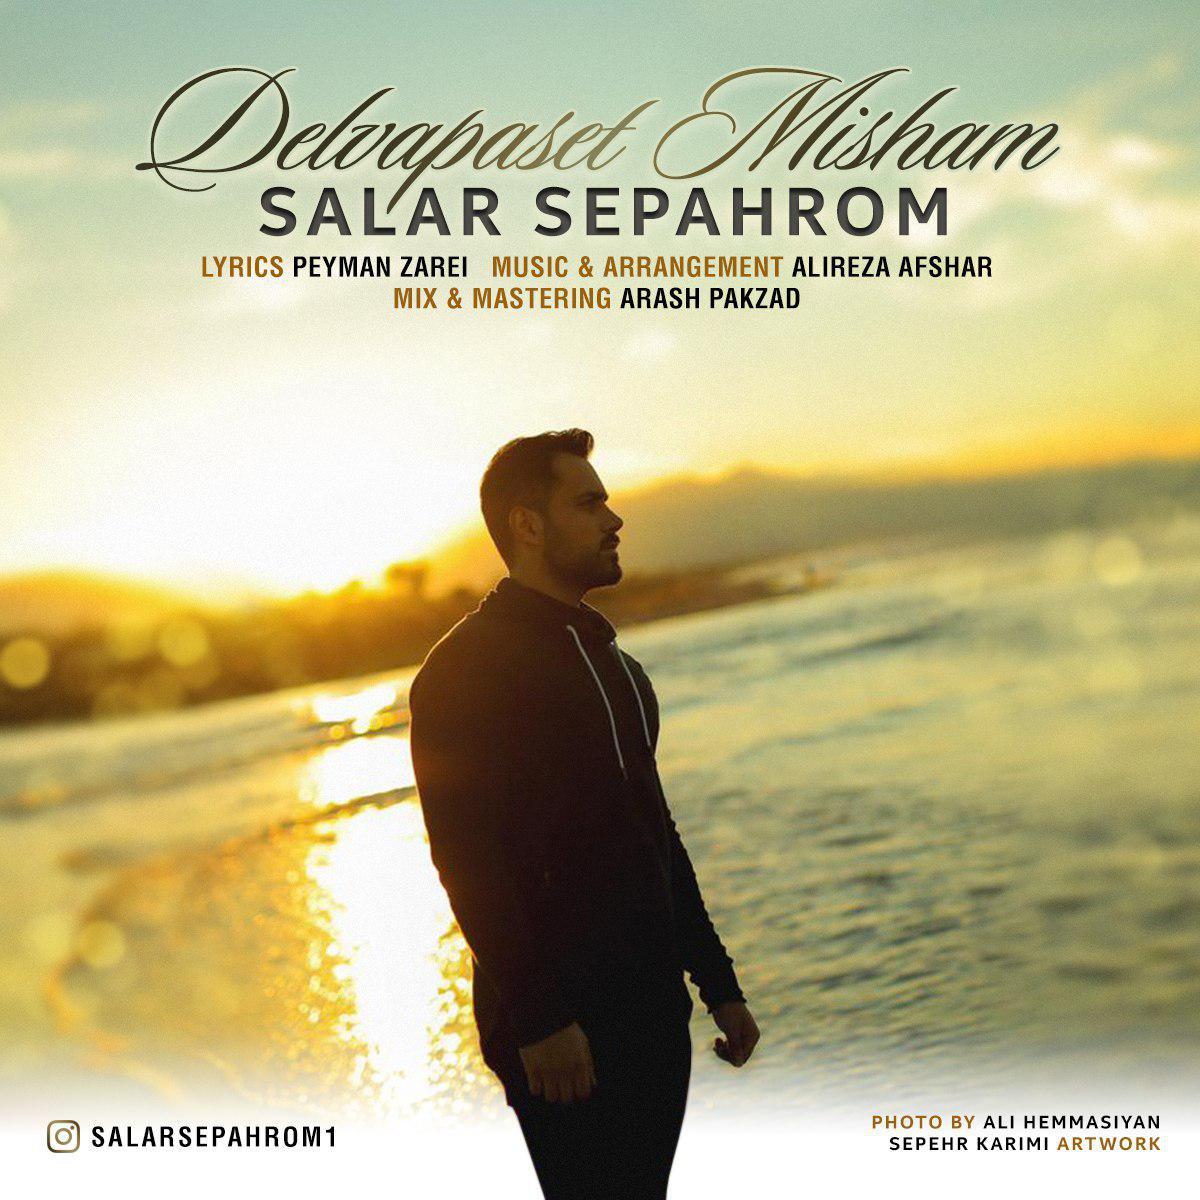 Salar Sepahrom – Delvapaset Misham